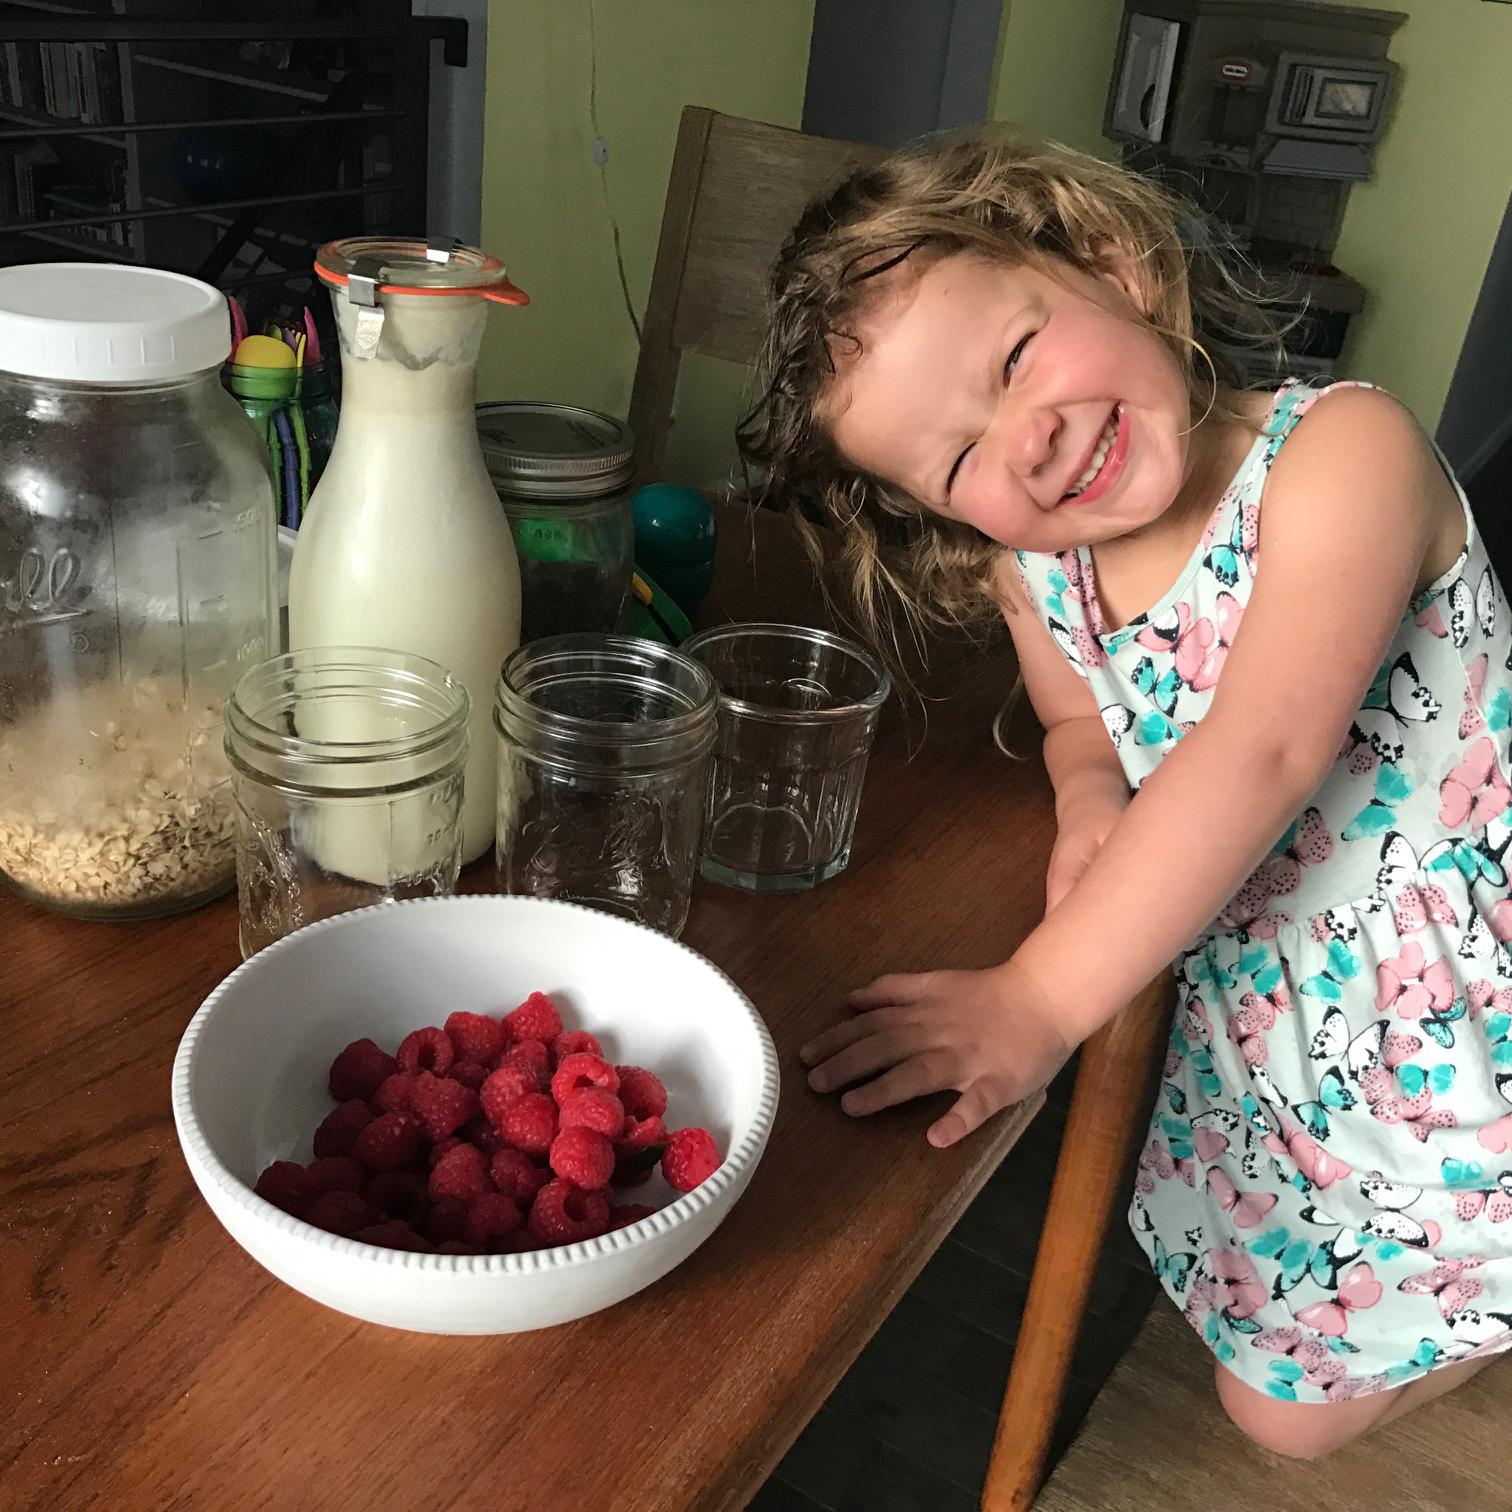 Chef Jemma, Age 3